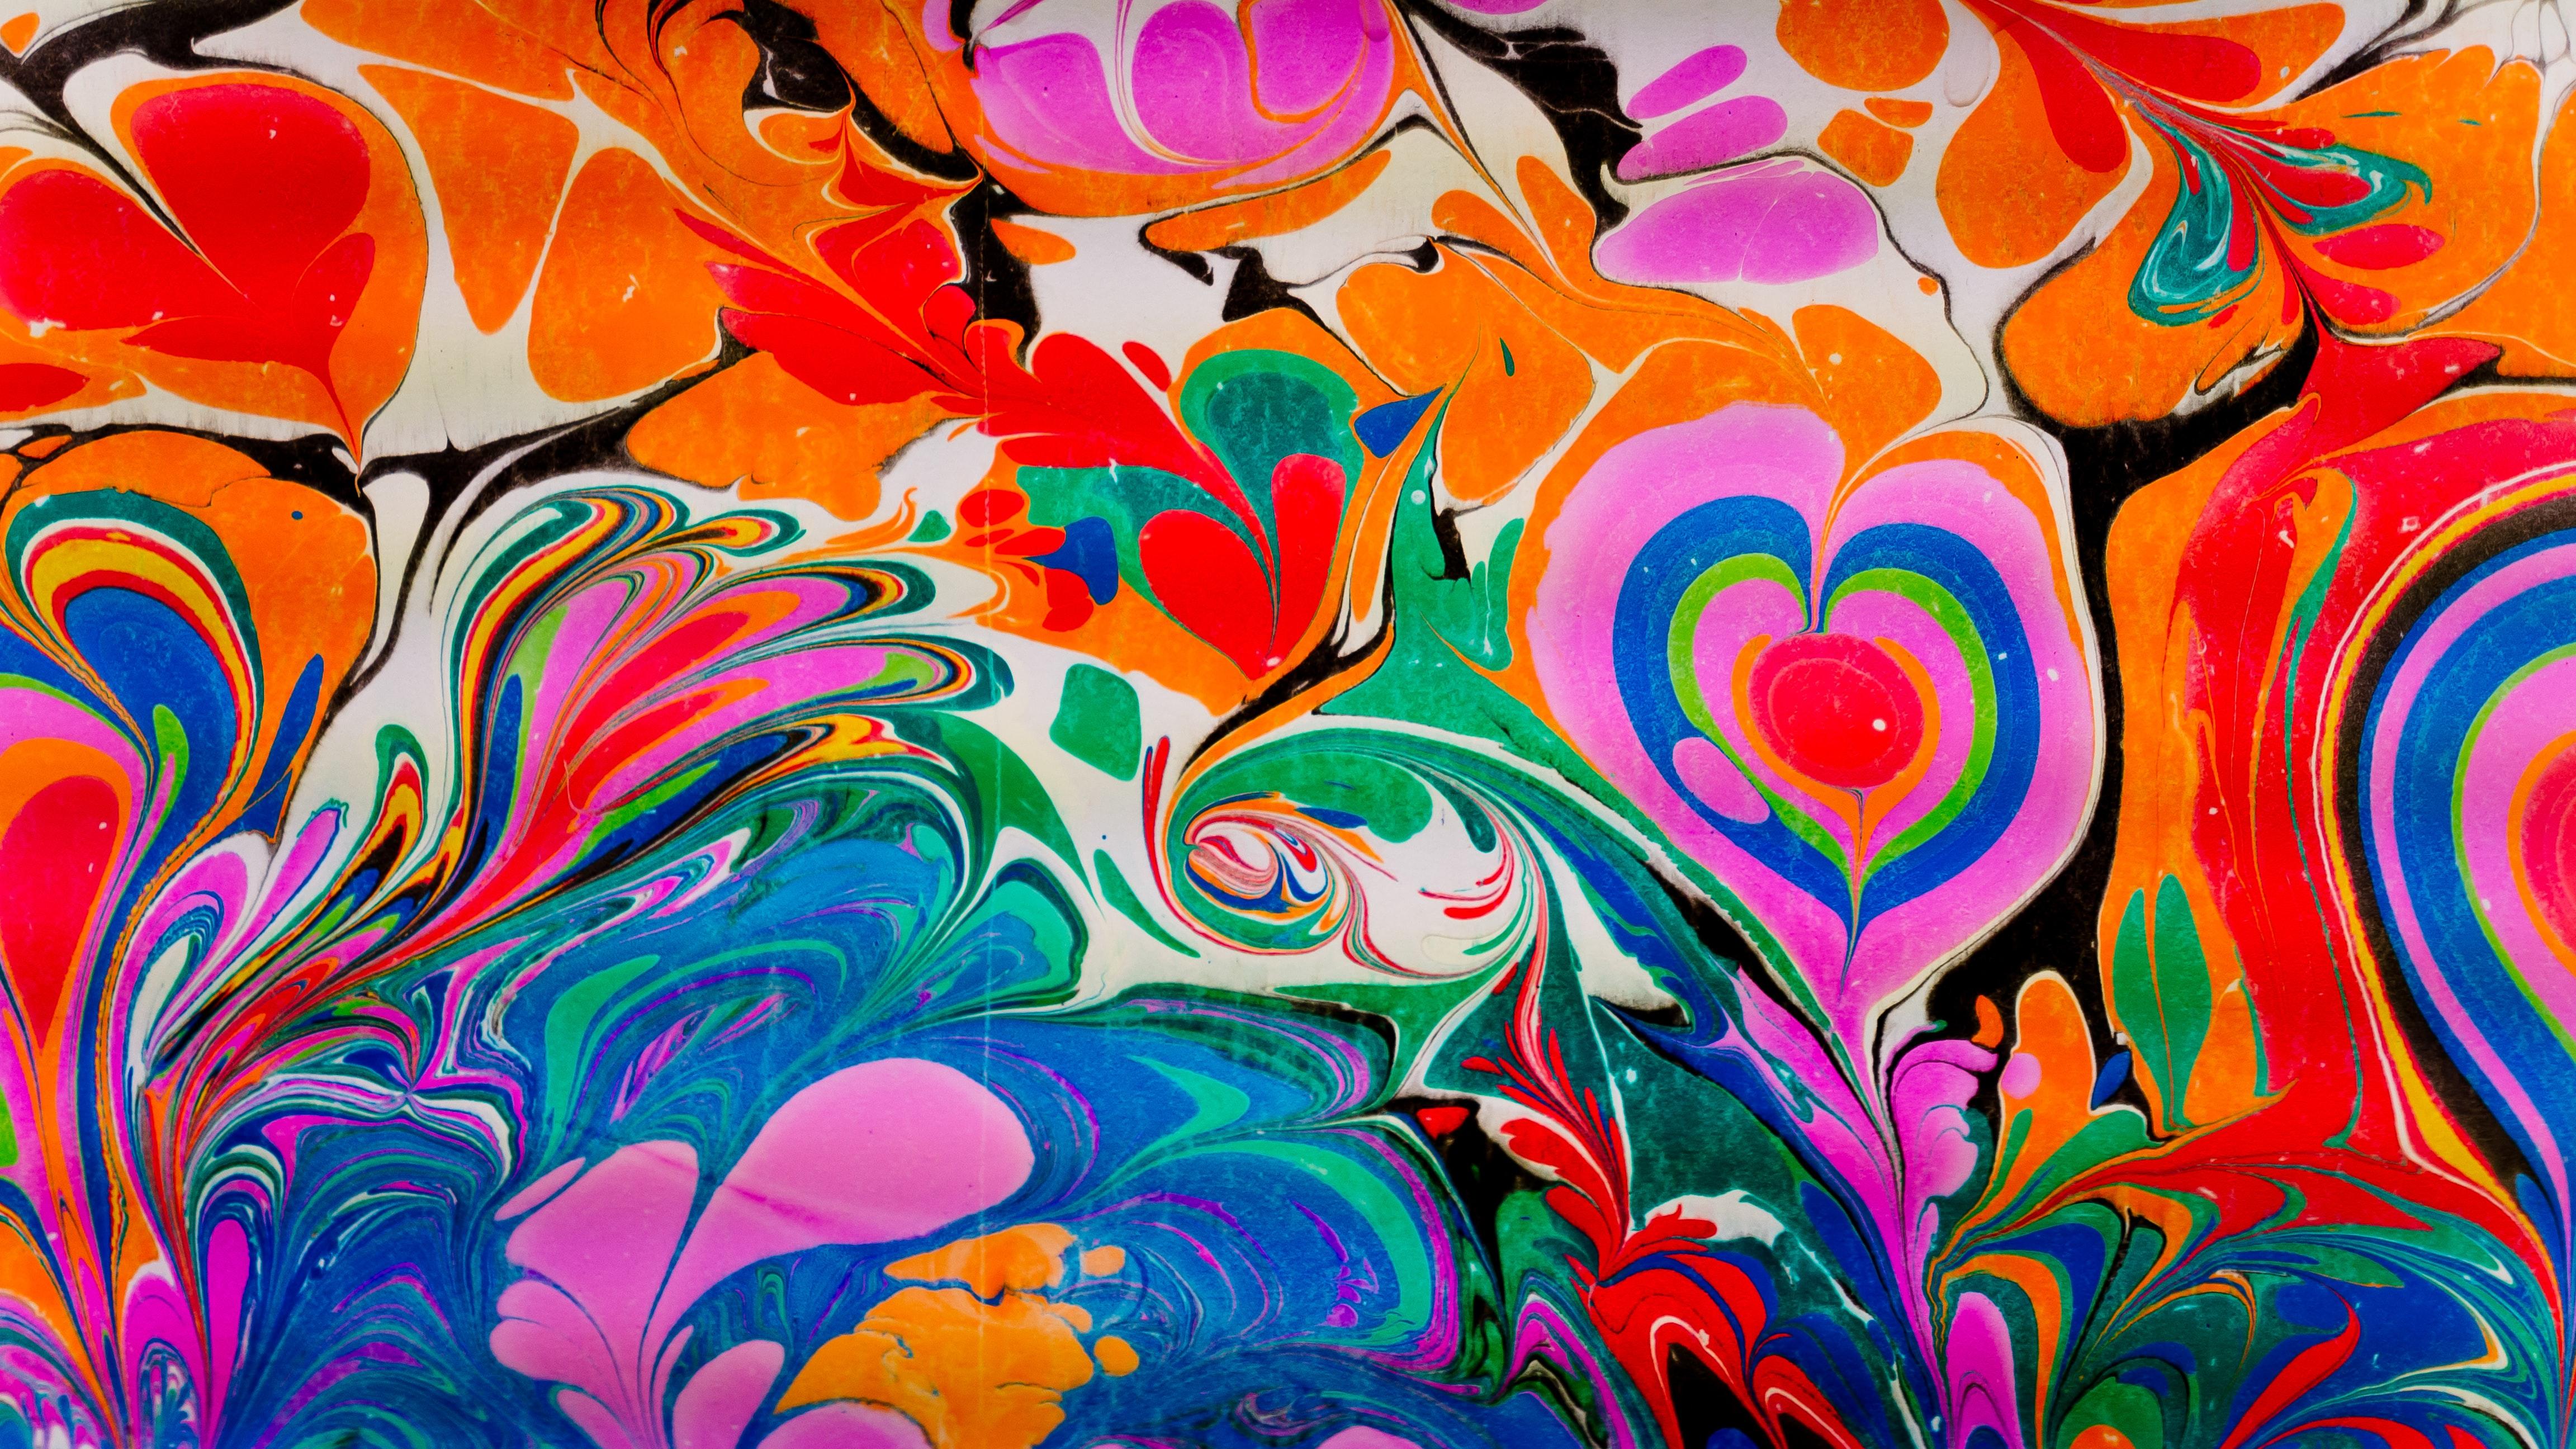 91523 免費下載壁紙 抽象, 画, 油漆, 液体, 图案, 多彩多姿, 五颜六色 屏保和圖片